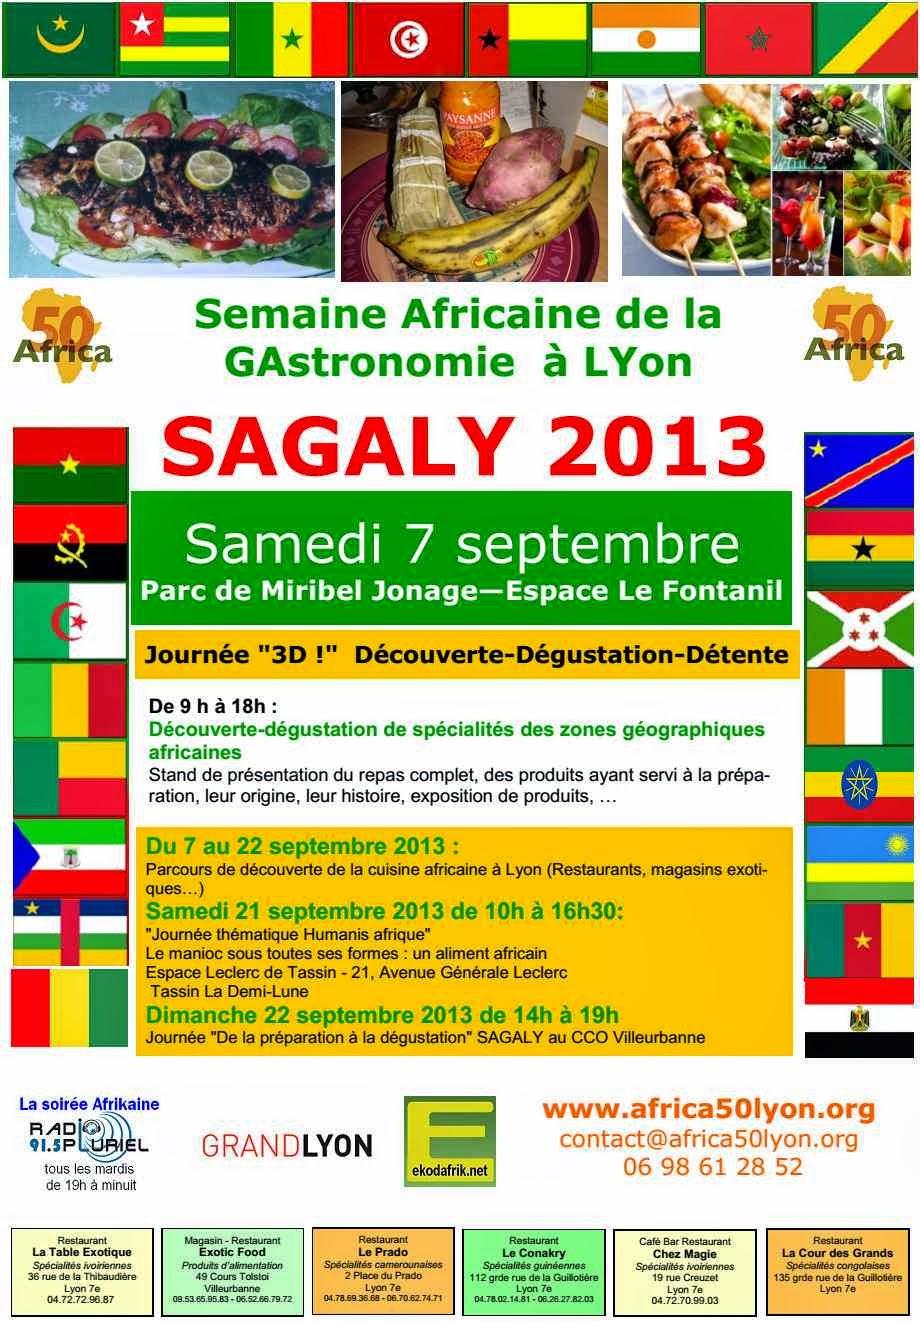 Semaine Africaine de la Gastronomie à Lyon – SAGALY 2013